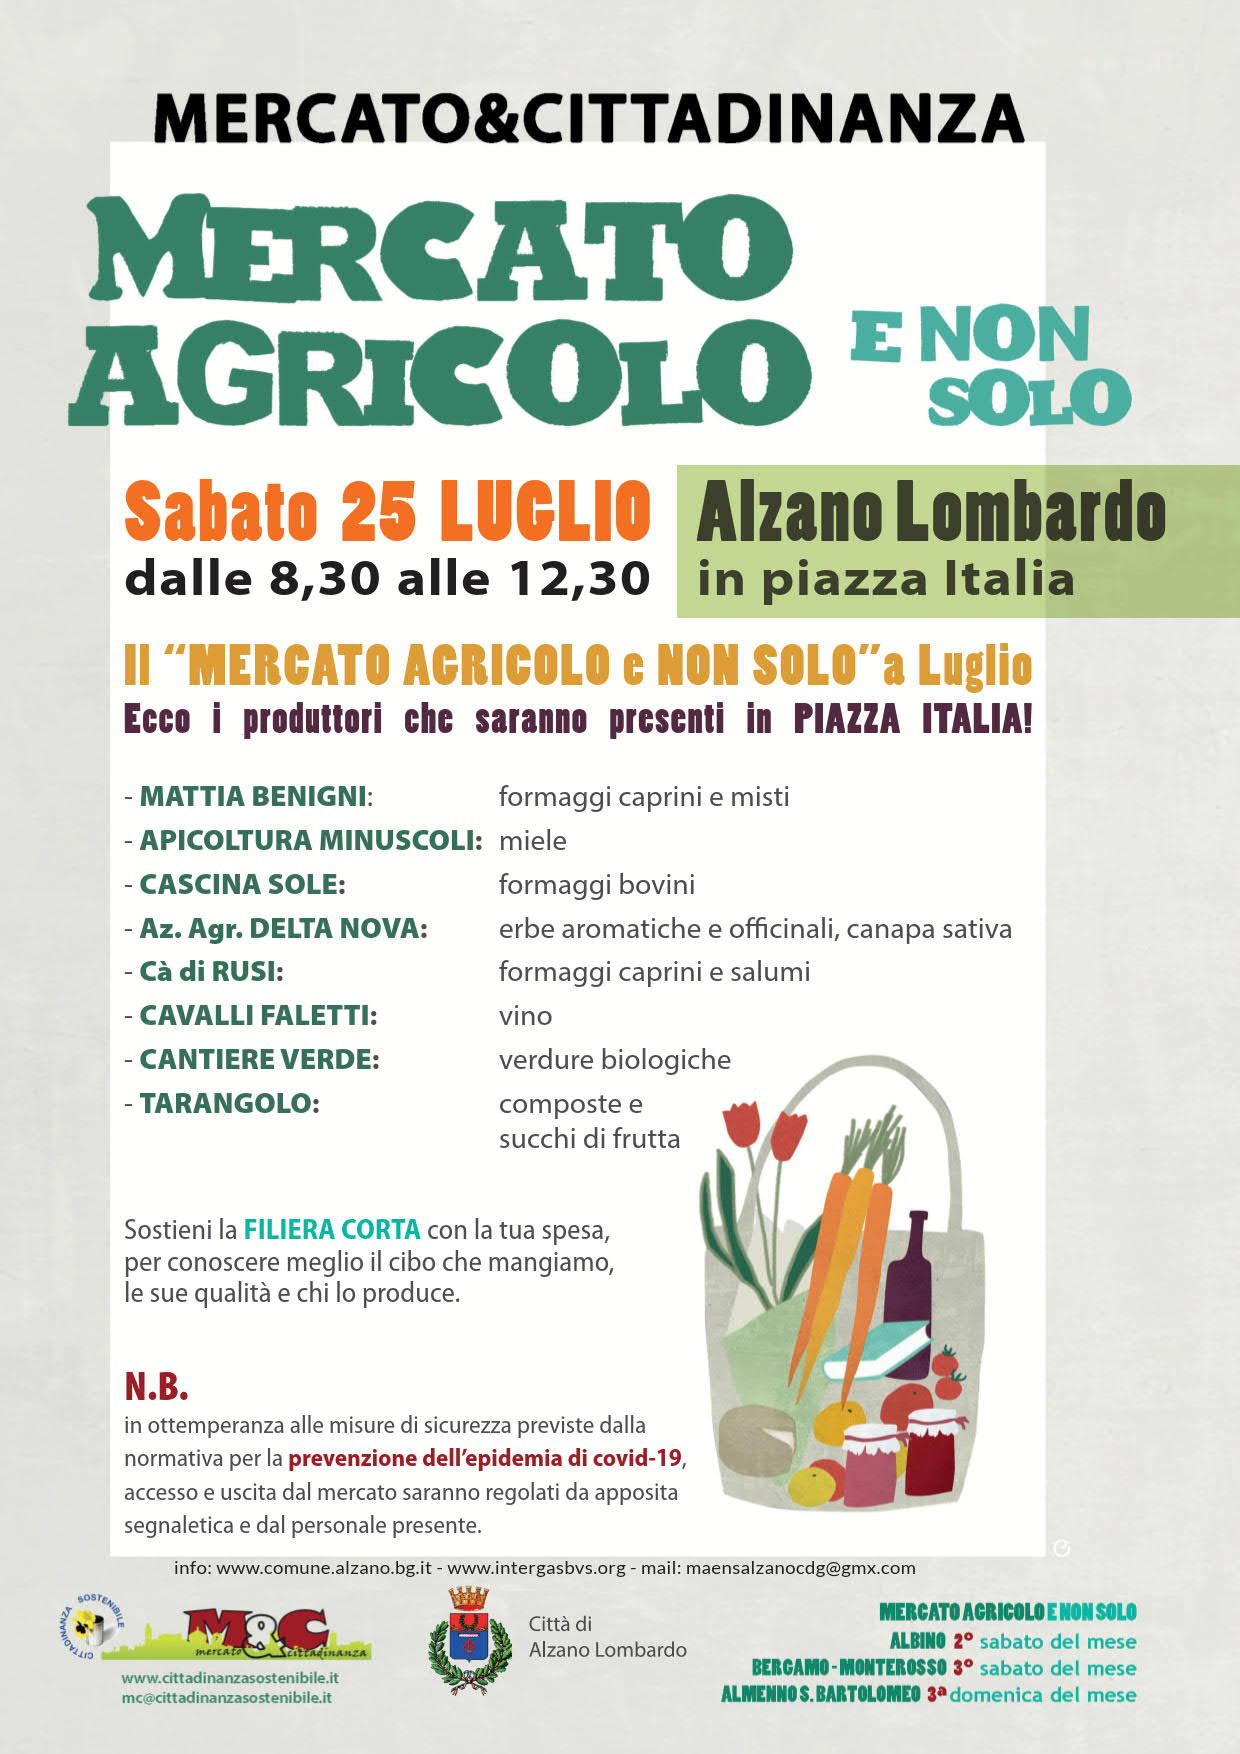 25 luglio 2020 - Mercato agricolo e non solo - MAENS Alzano L.do